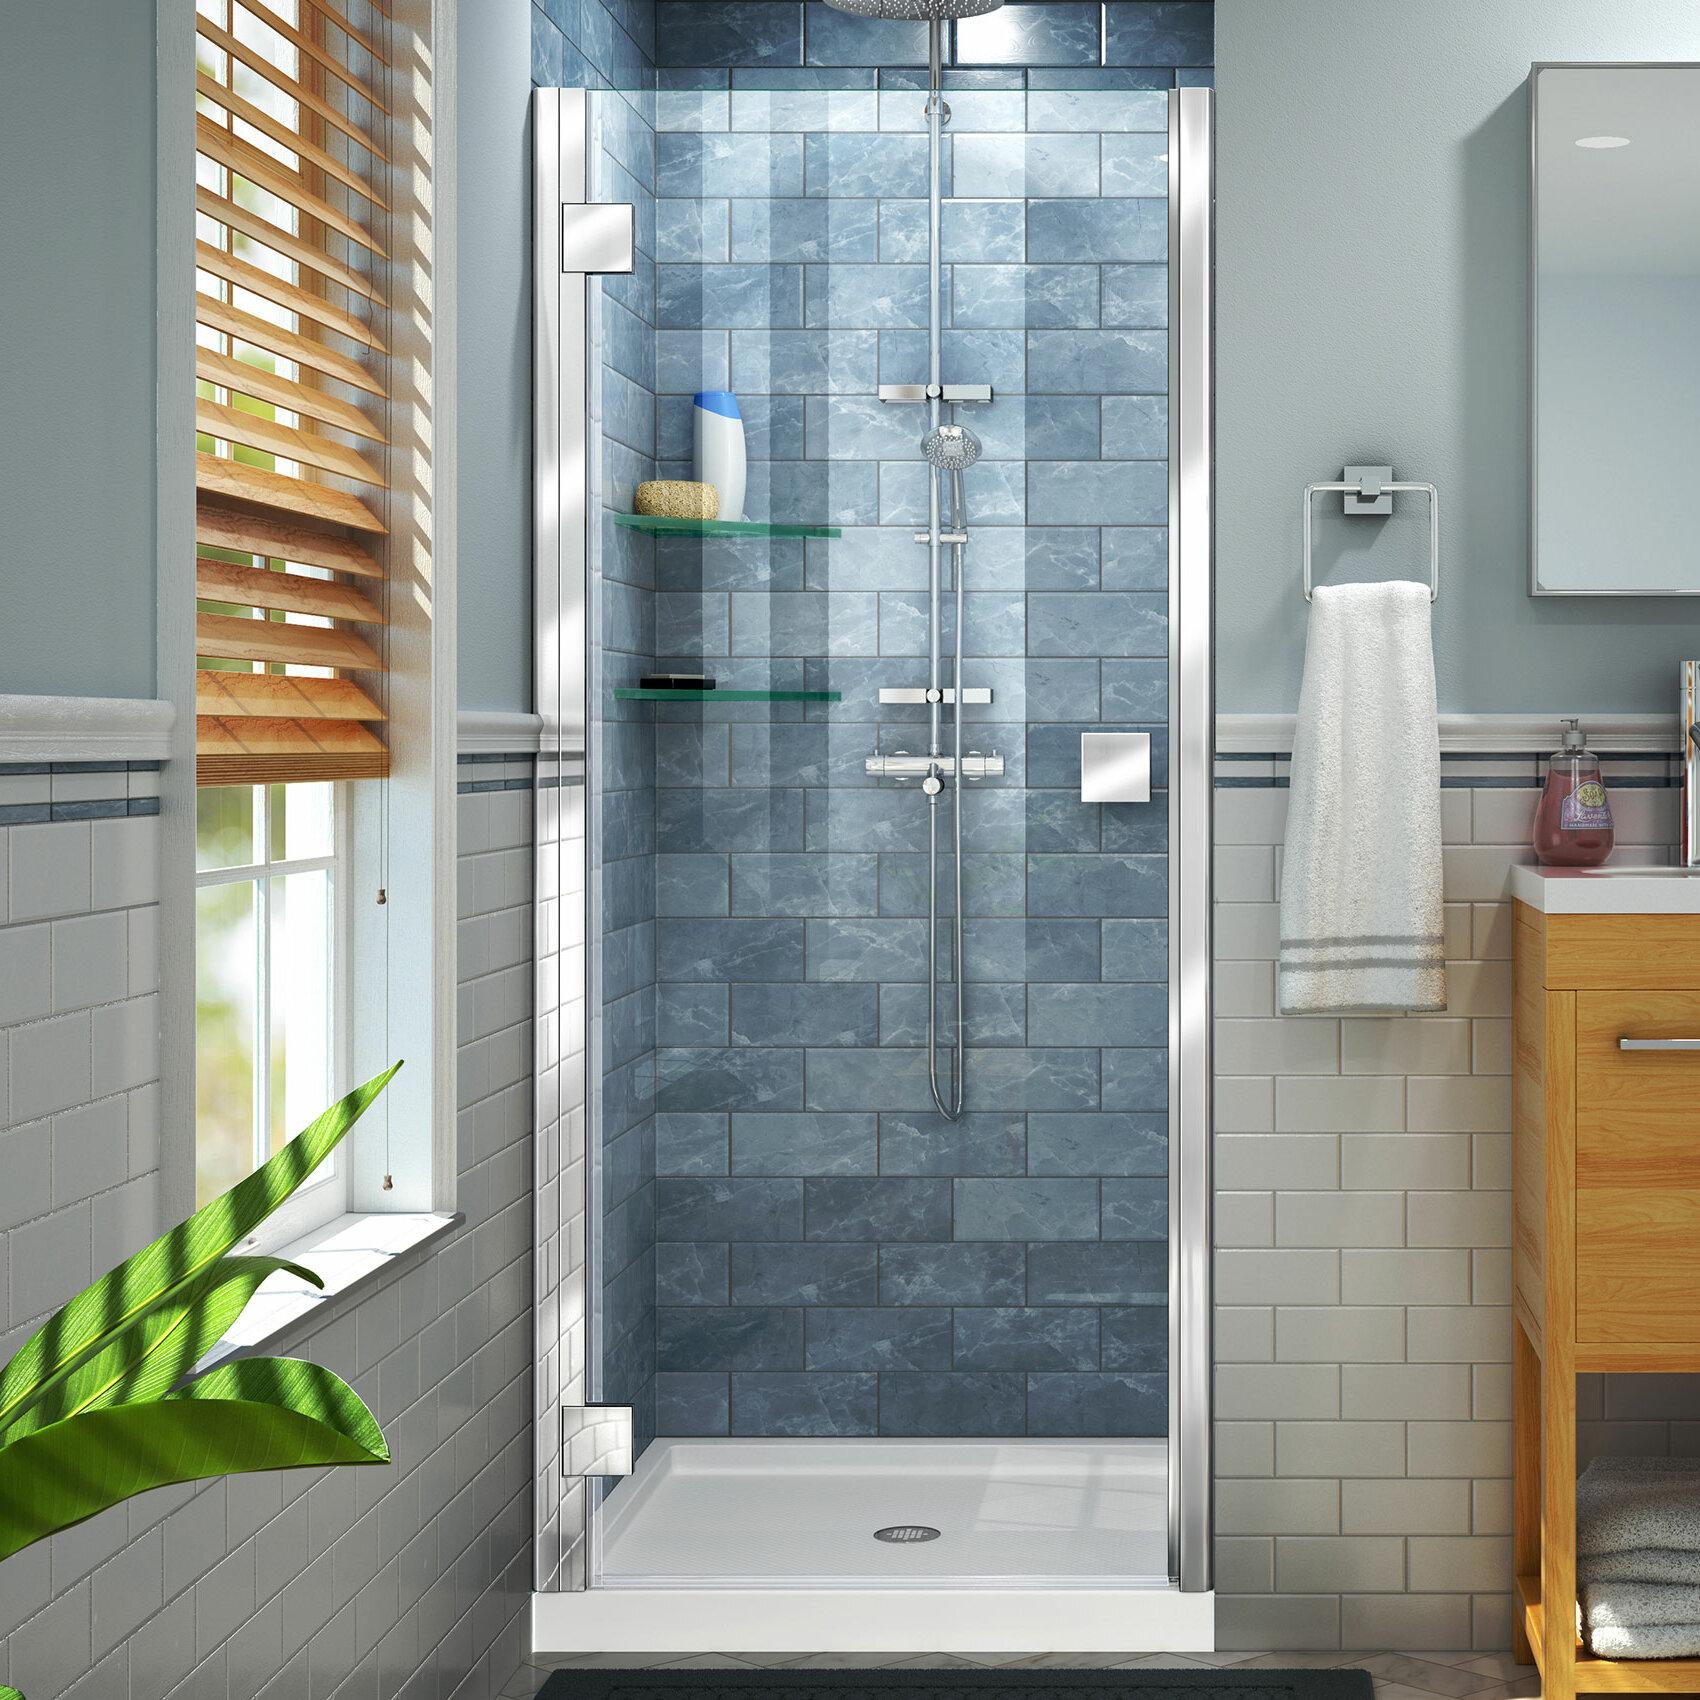 Wooden Parion Designs Diy Bathroom Html on